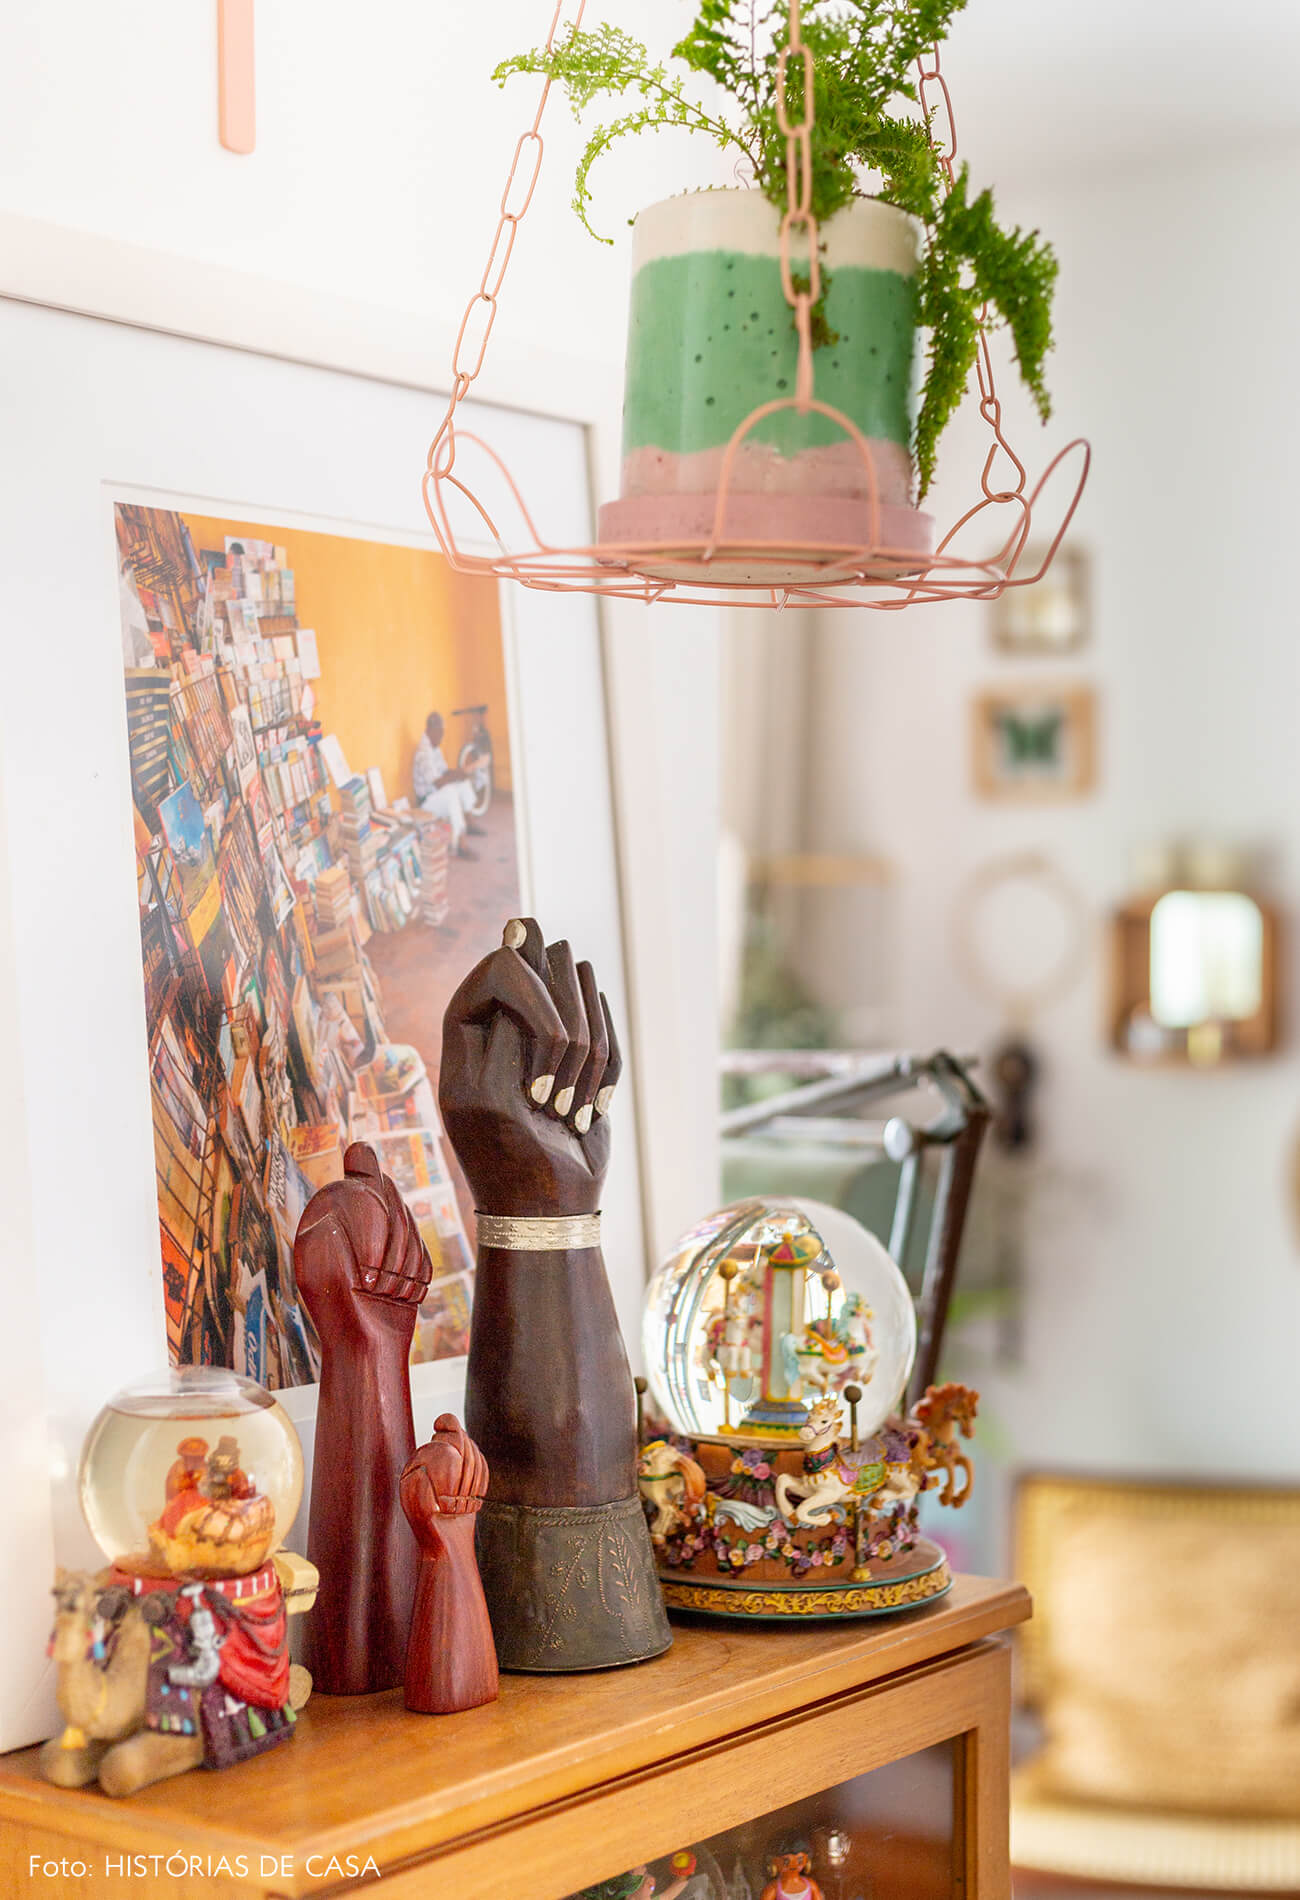 detalhes-objetos-em-mesa-madeira